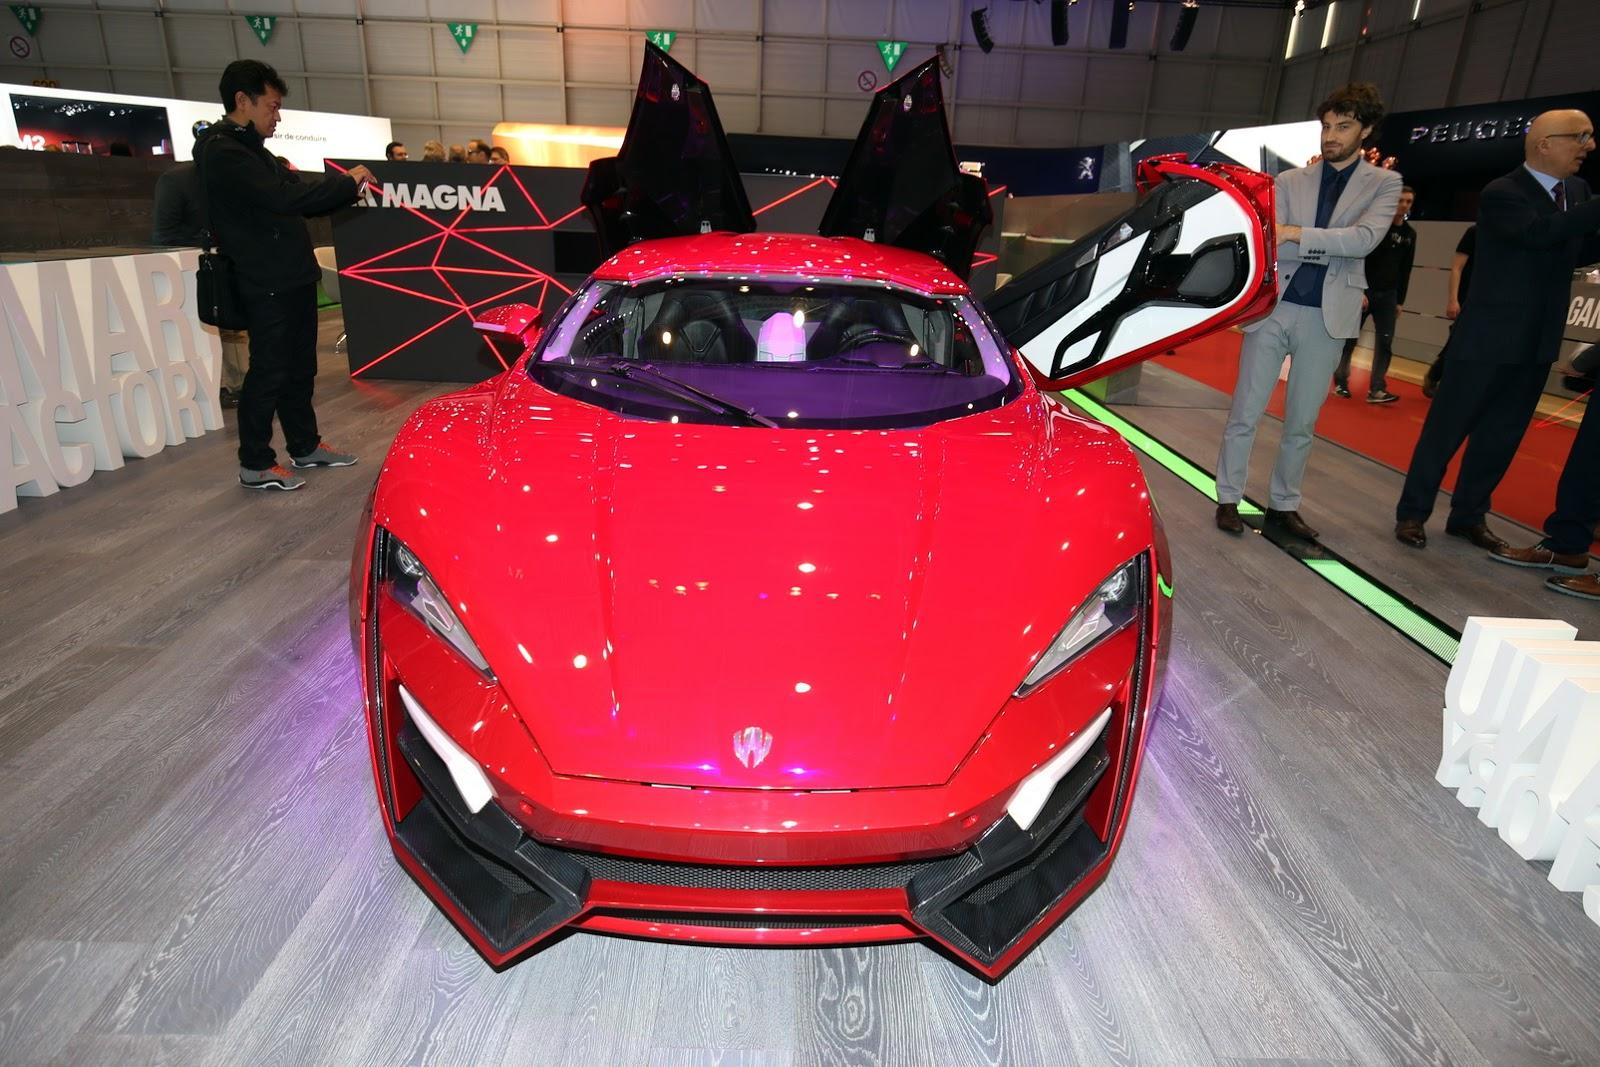 Siêu xe Lykan Hypersport lặng lẽ xuất hiện tại Geneva Motor Show